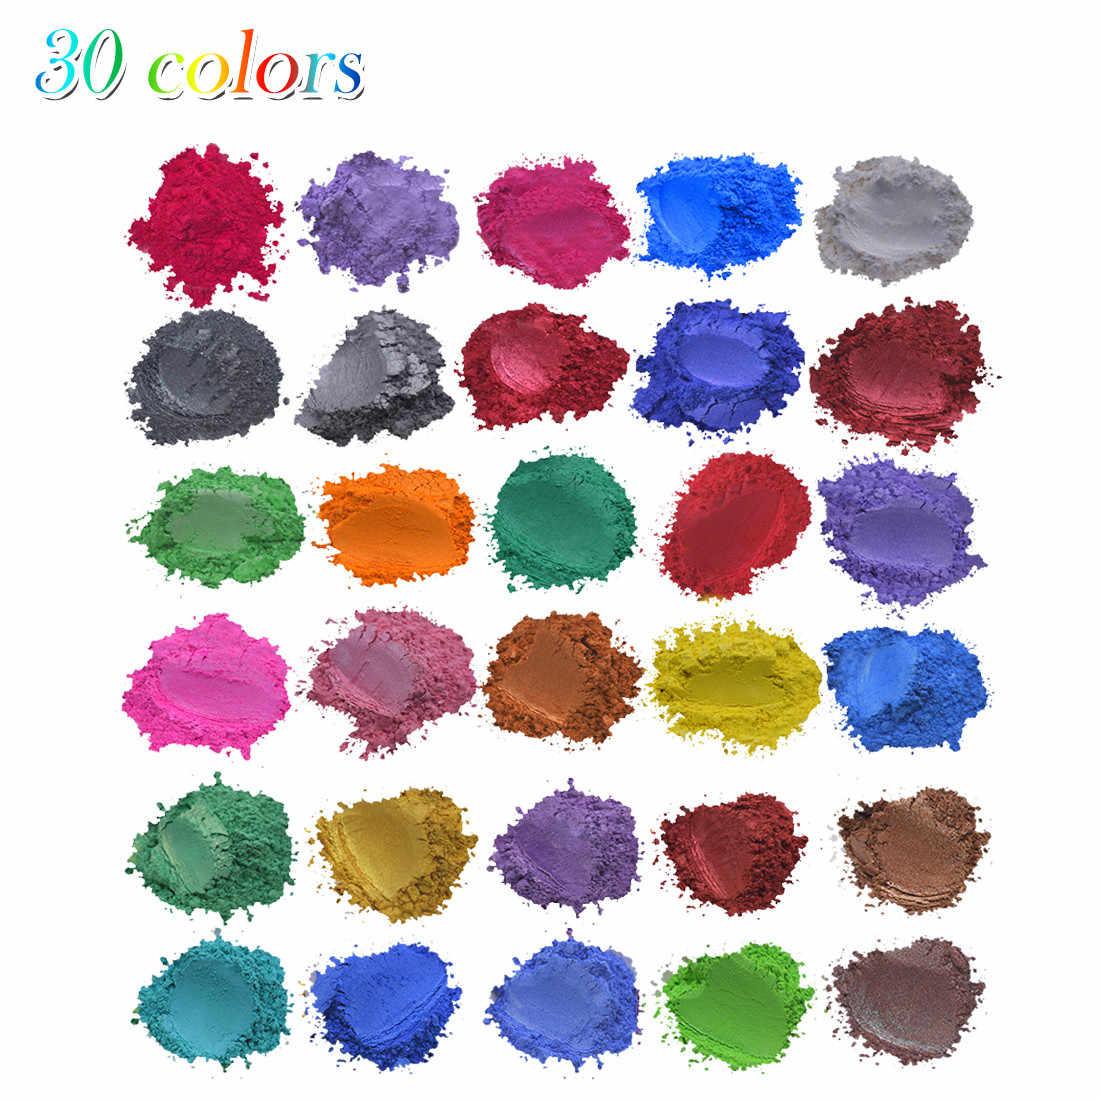 24x Mika tozu Epoksi Reçine Metalik 24 renk x5g Sabun Renk Seti Renk pigment tozu Mika Metalik Boya Yüksek Kaliteli Boyalar